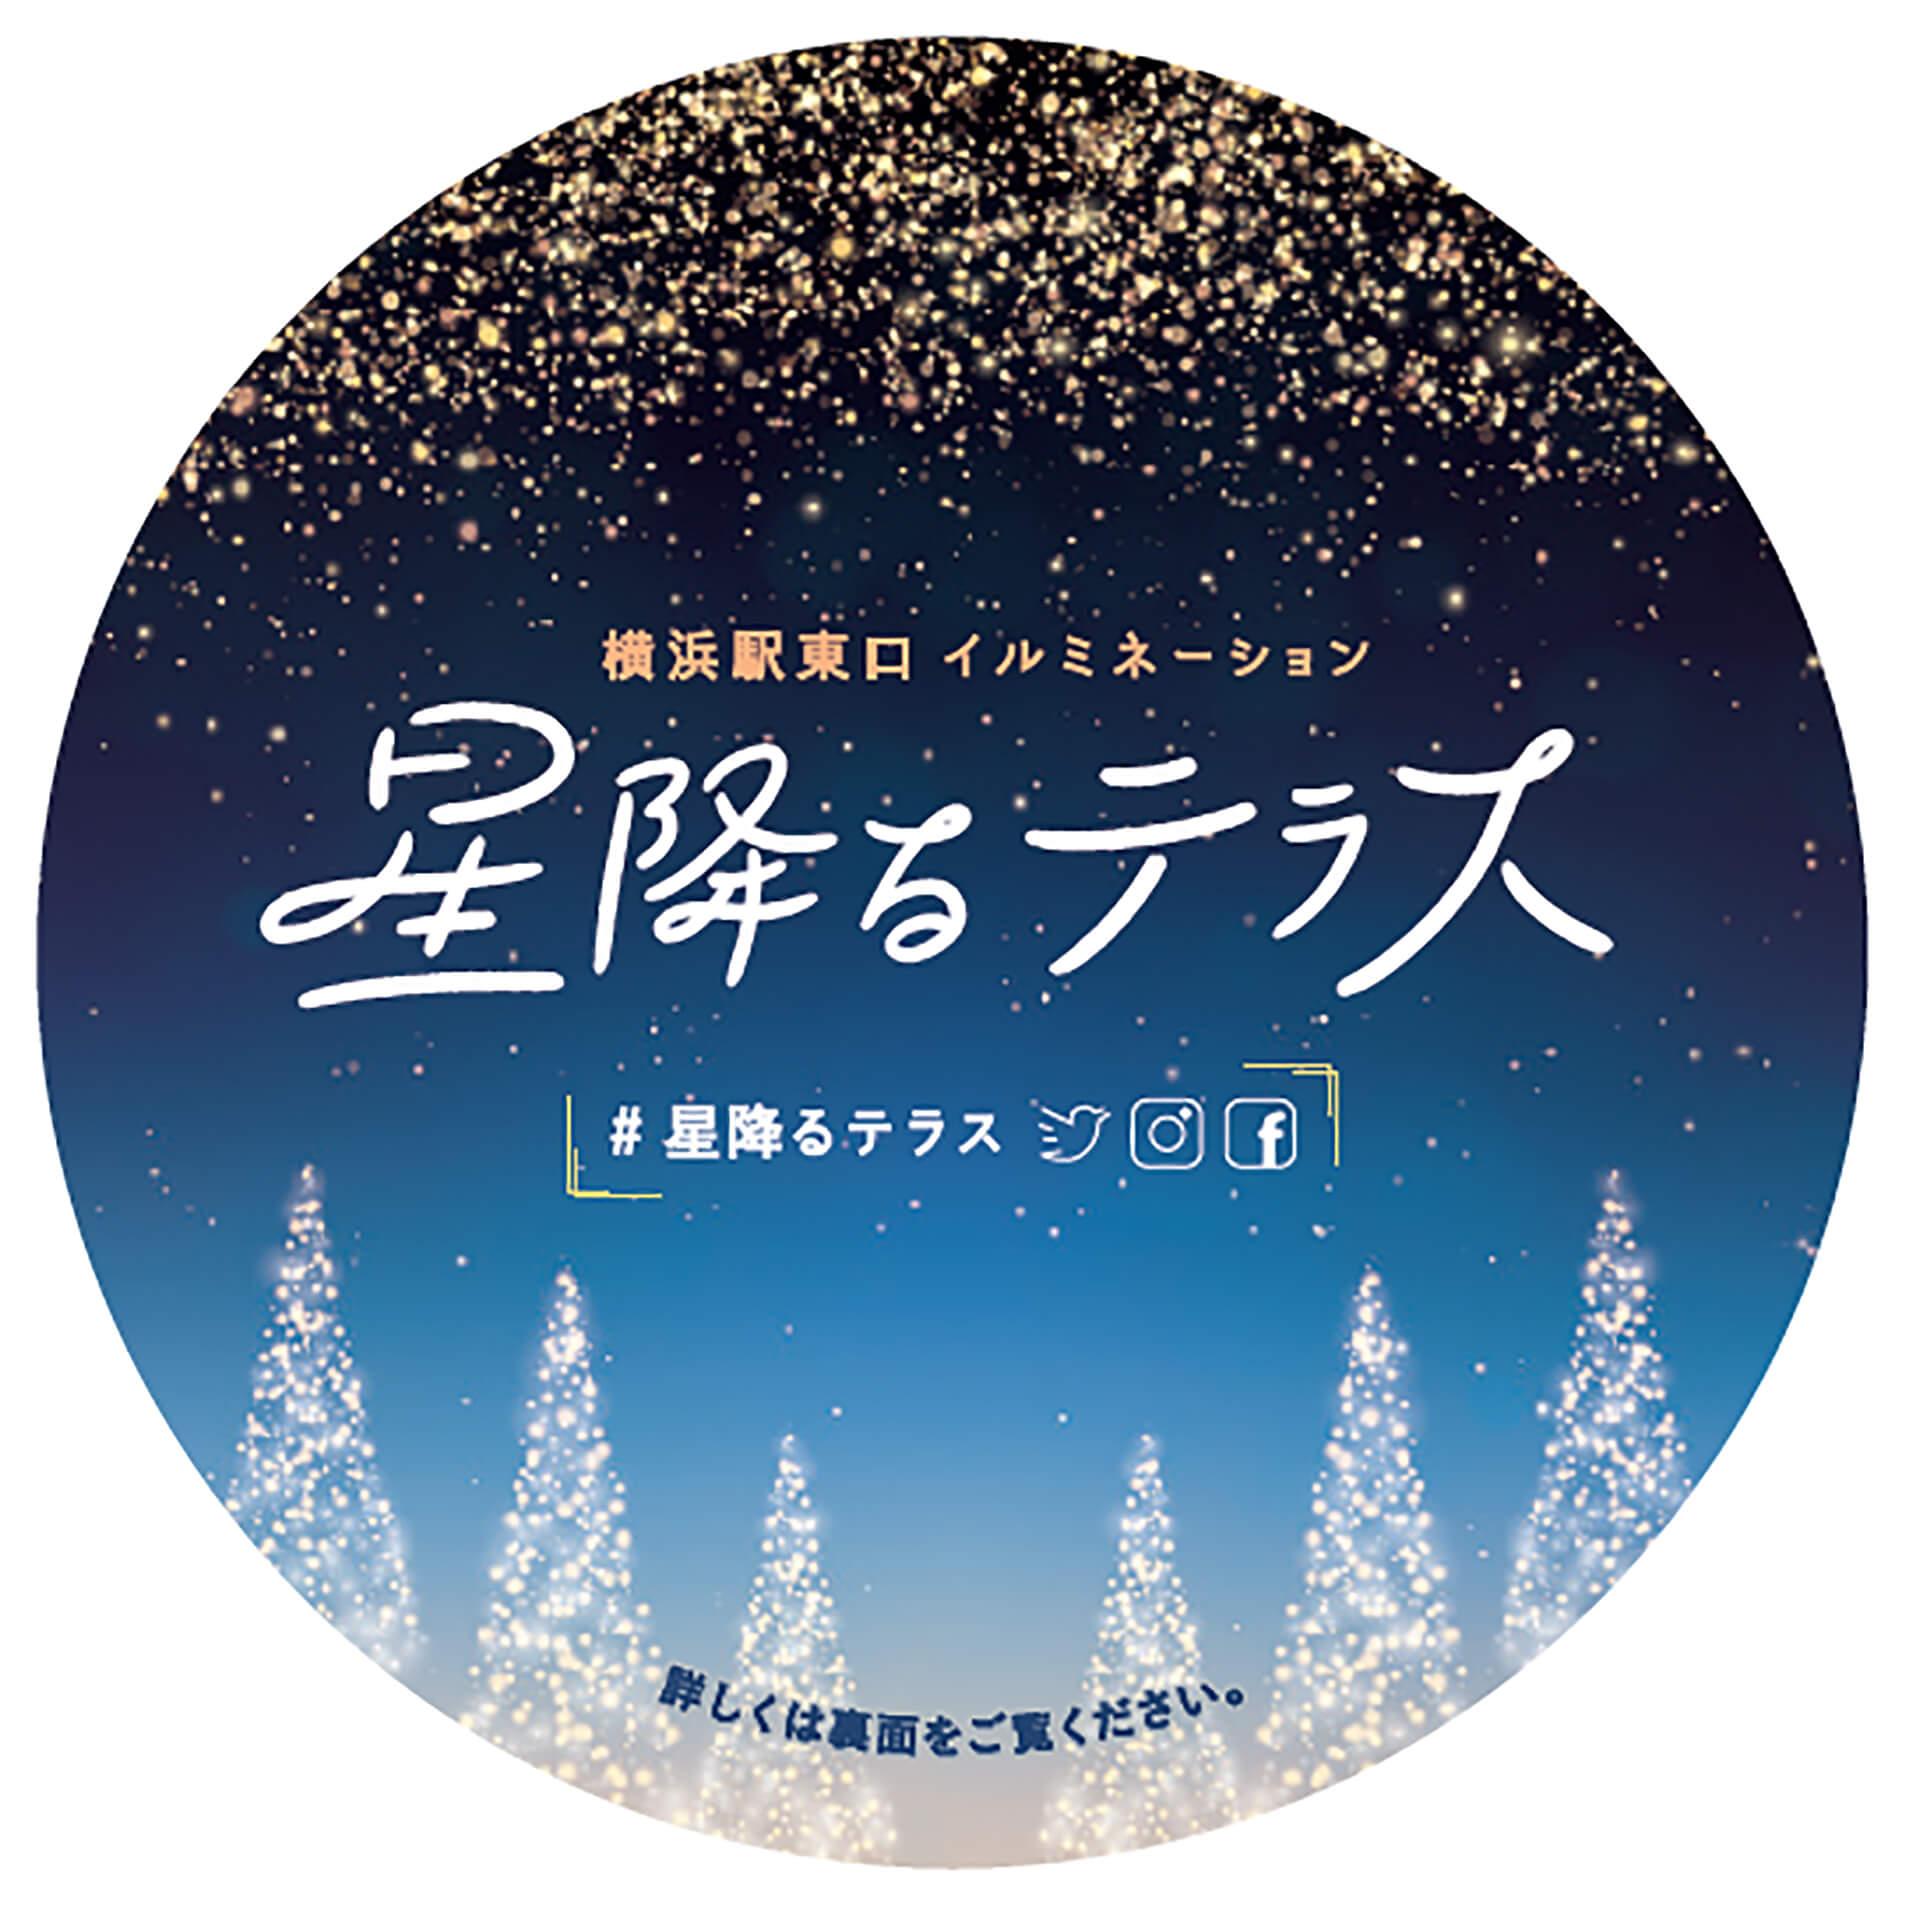 横浜駅東口イルミネーション 星降るテラスバナー